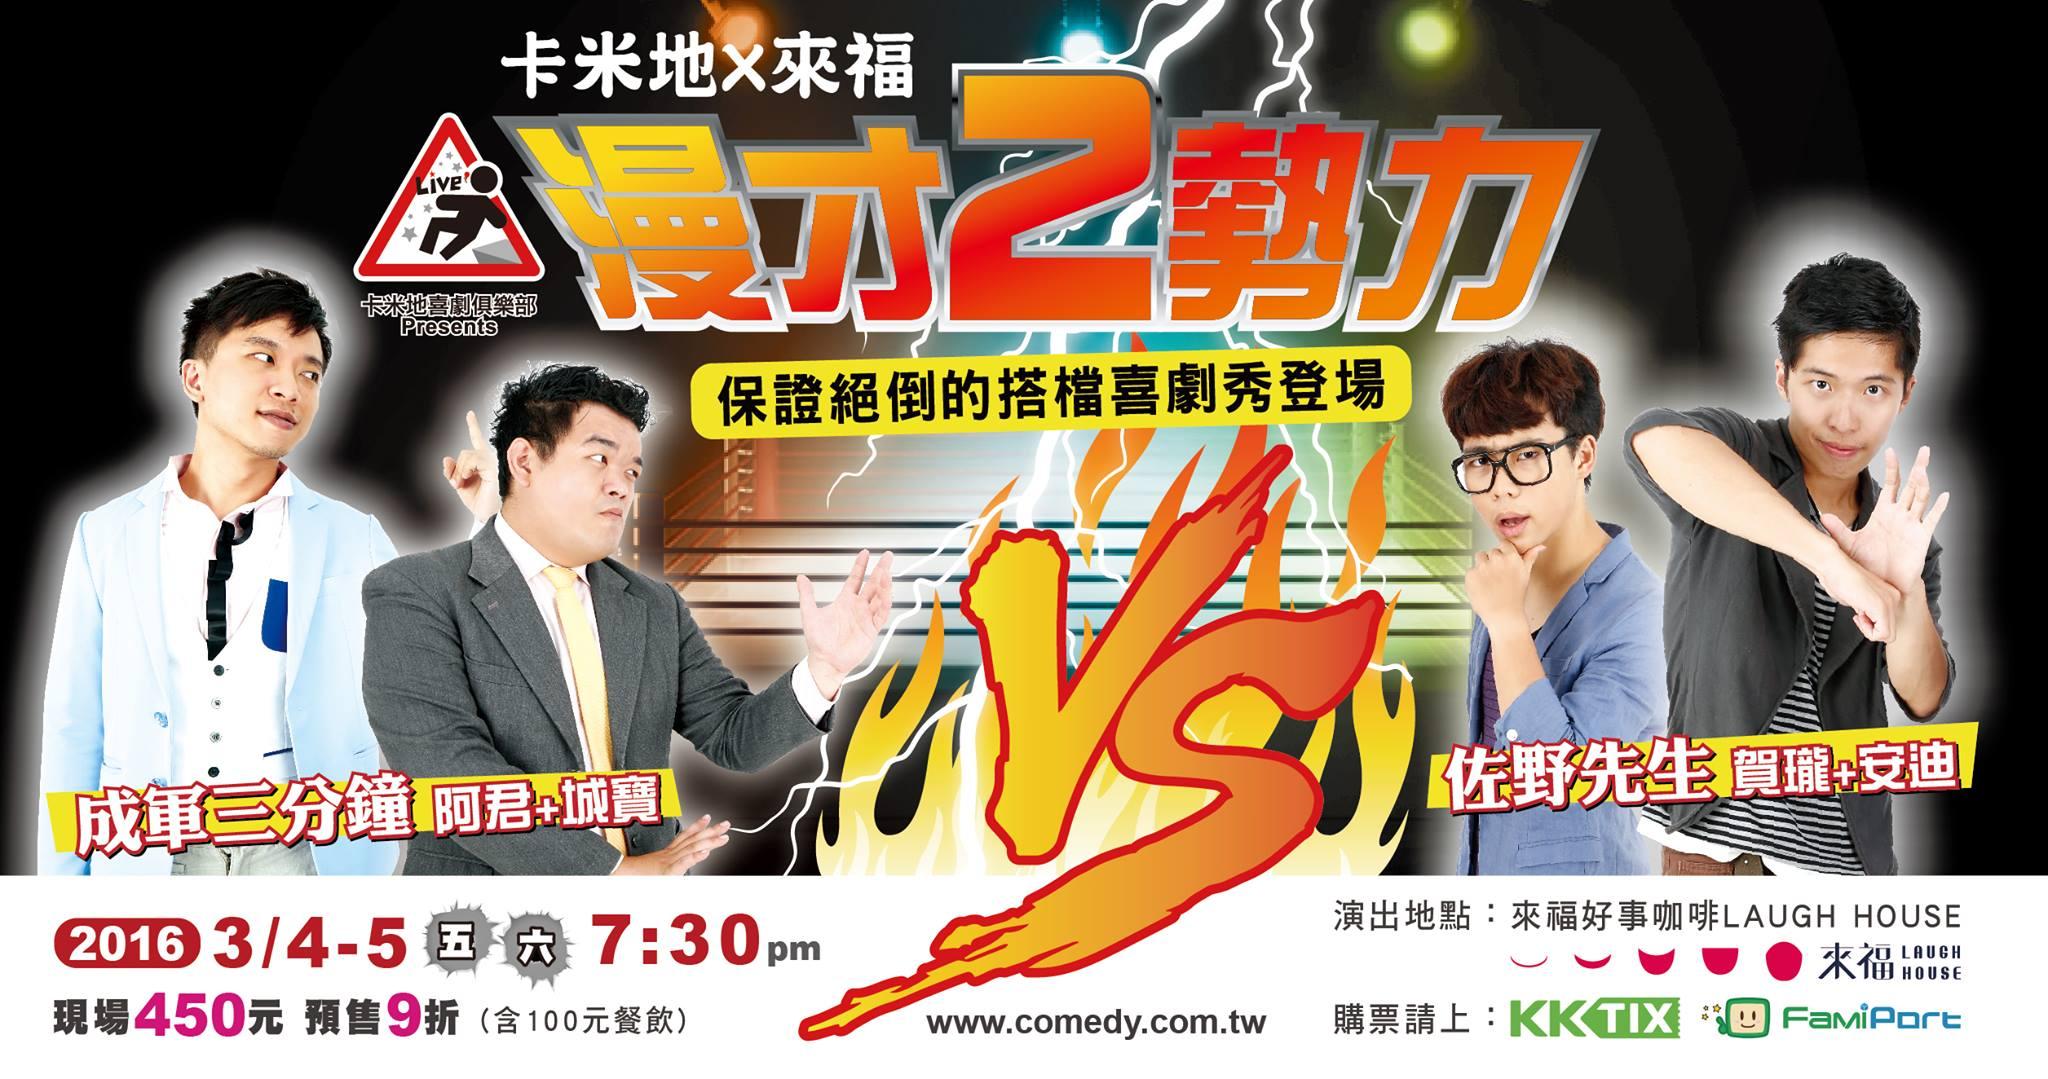 3/4-5 7:30pm 台中來福:漫才二勢力